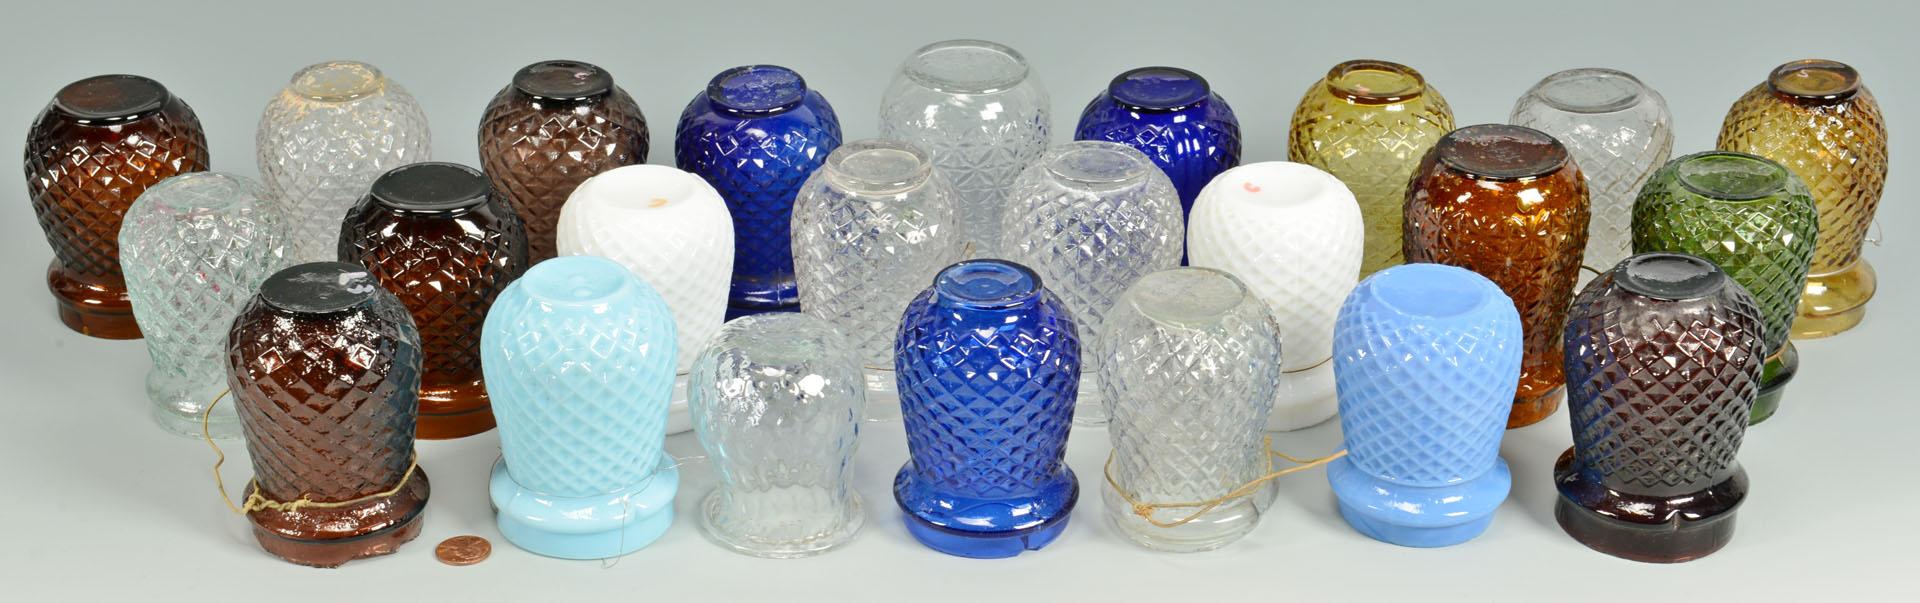 Lot 664: 24 Glass Christmas Globes